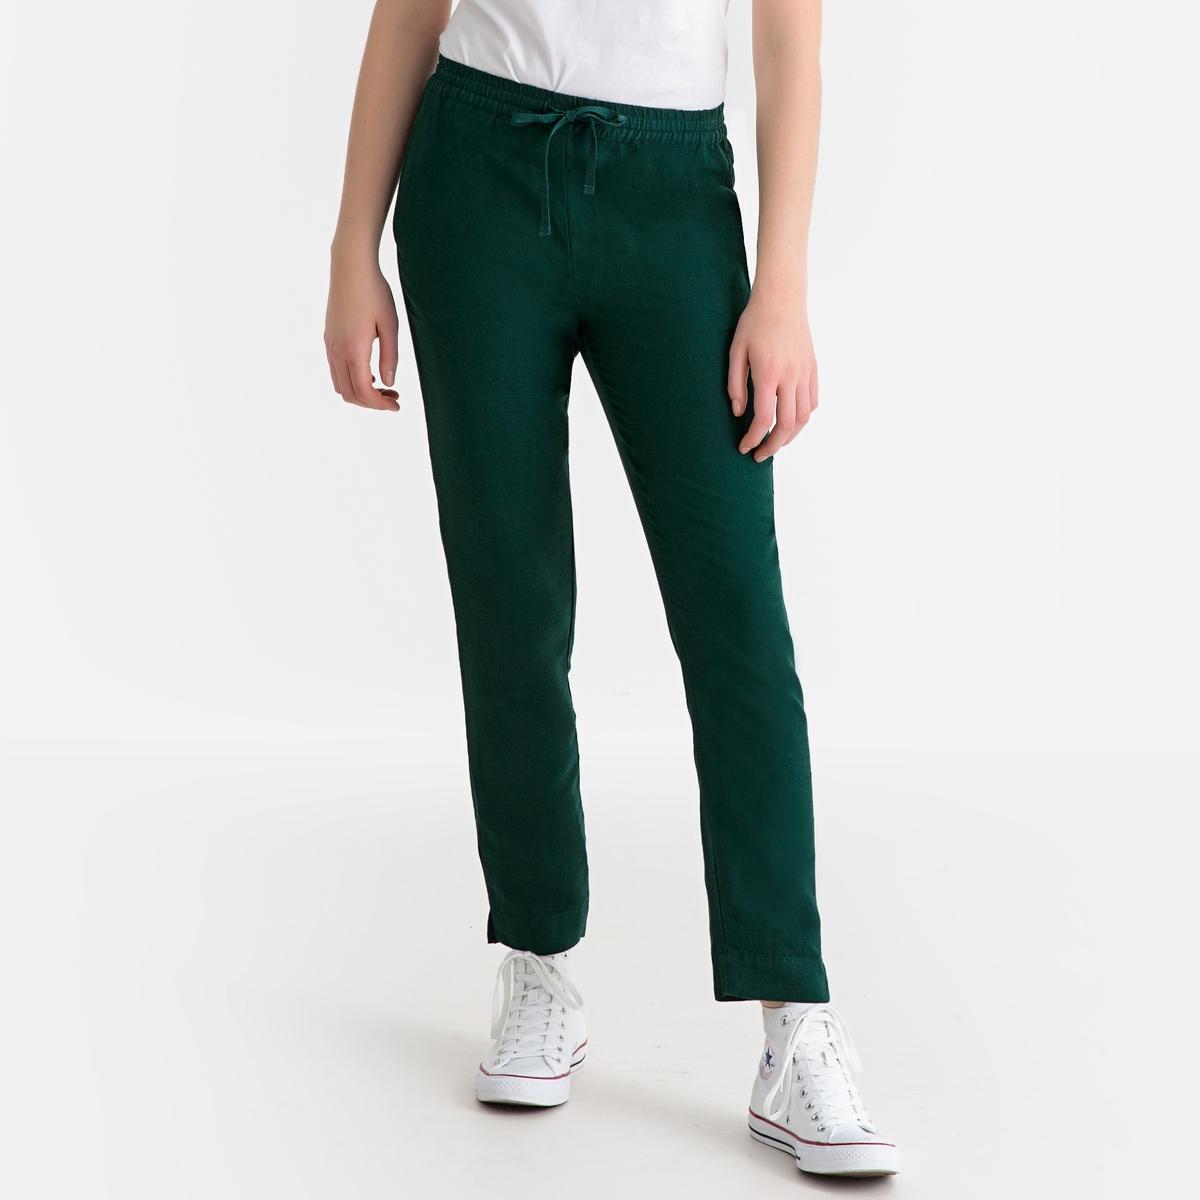 Брюки La Redoute Прямые с добавлением льна 34 (FR) - 40 (RUS) зеленый брюки широкие 7 8 из льна и вискозы